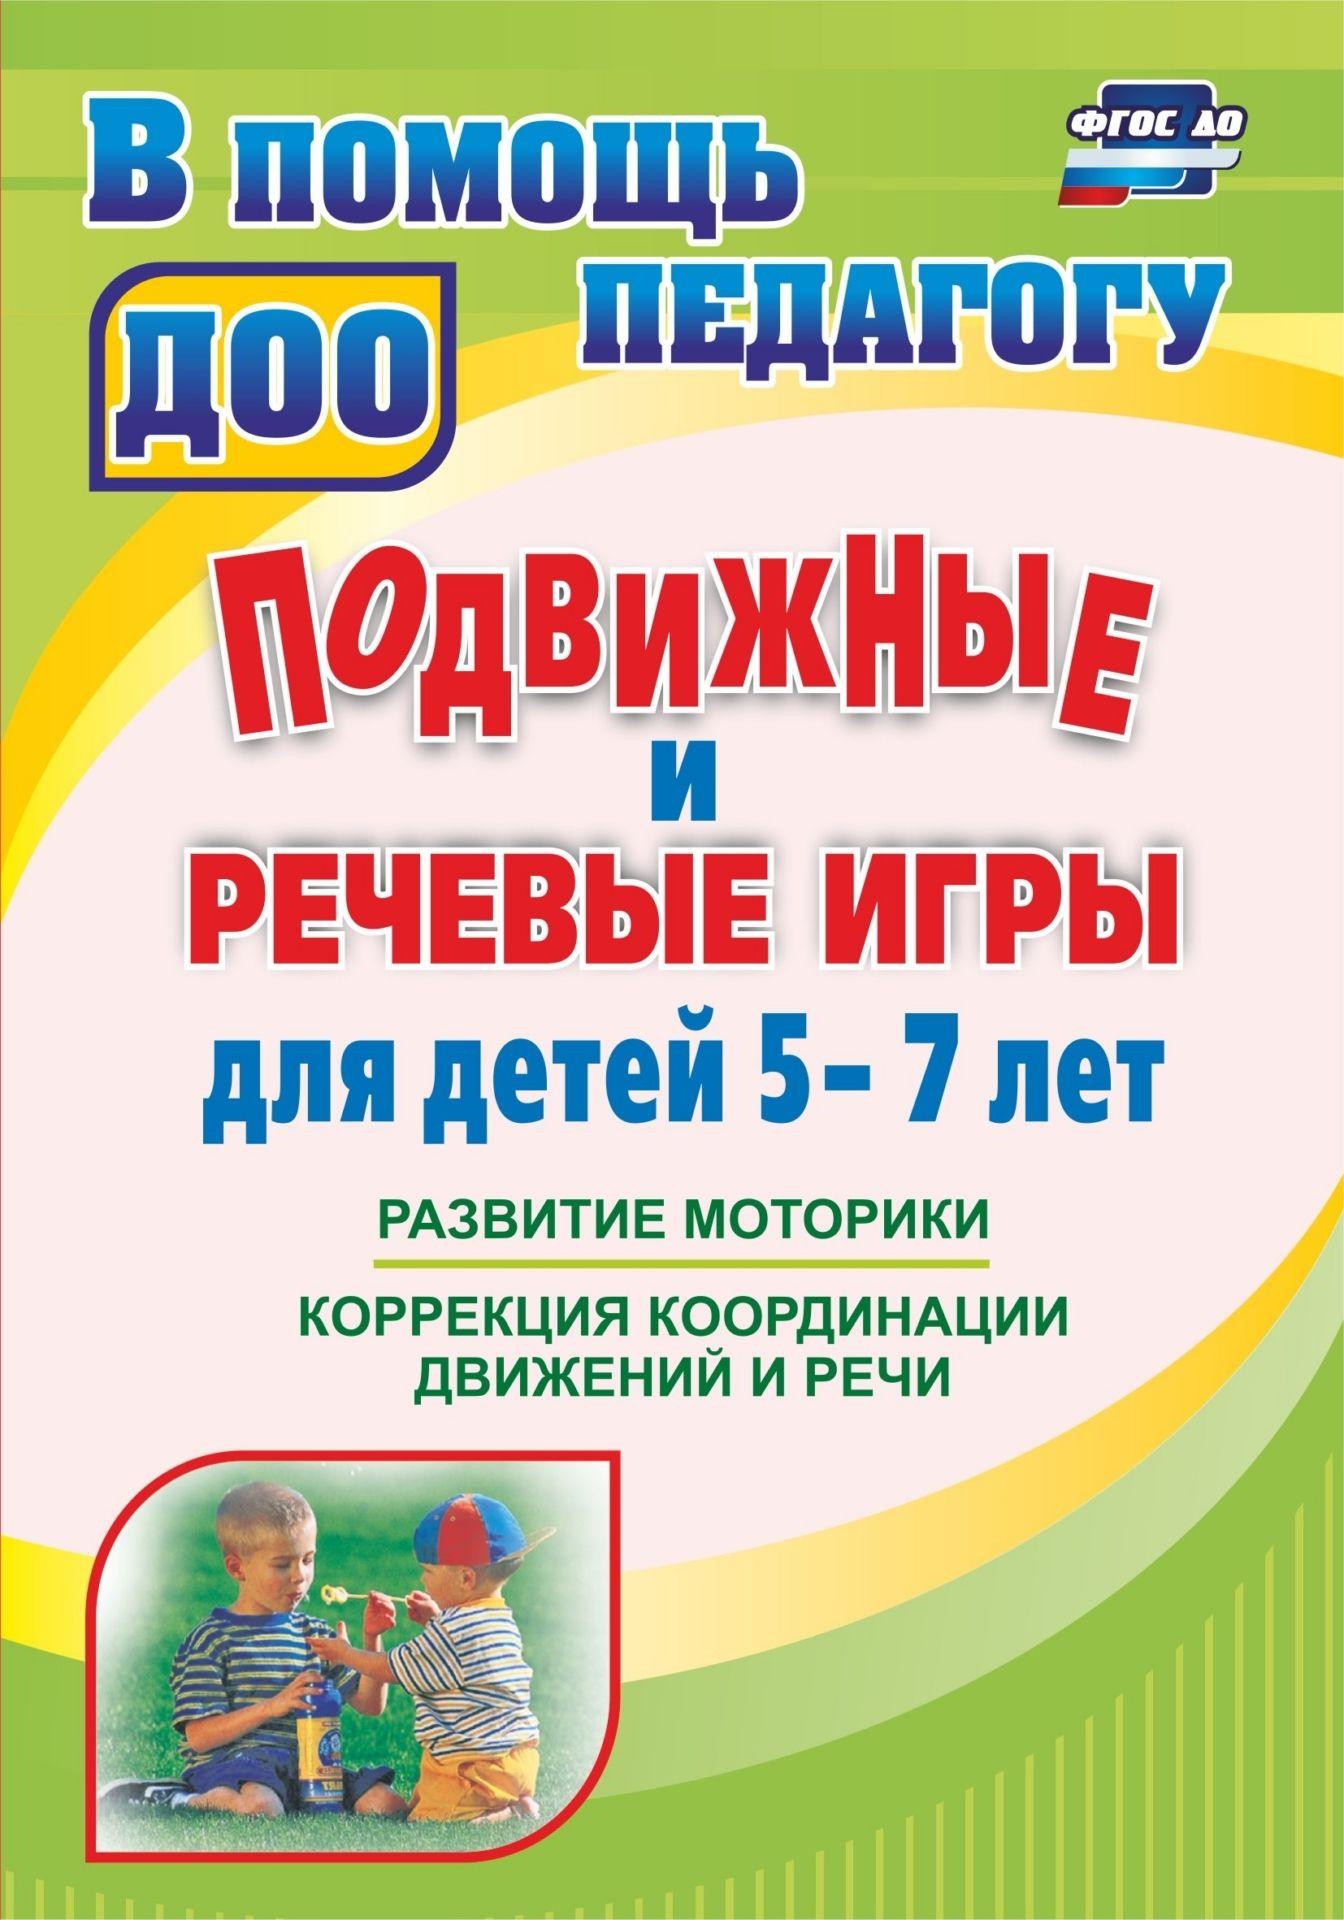 Подвижные и речевые игры для детей 5-7 лет: развитие моторики, коррекция координации дв...